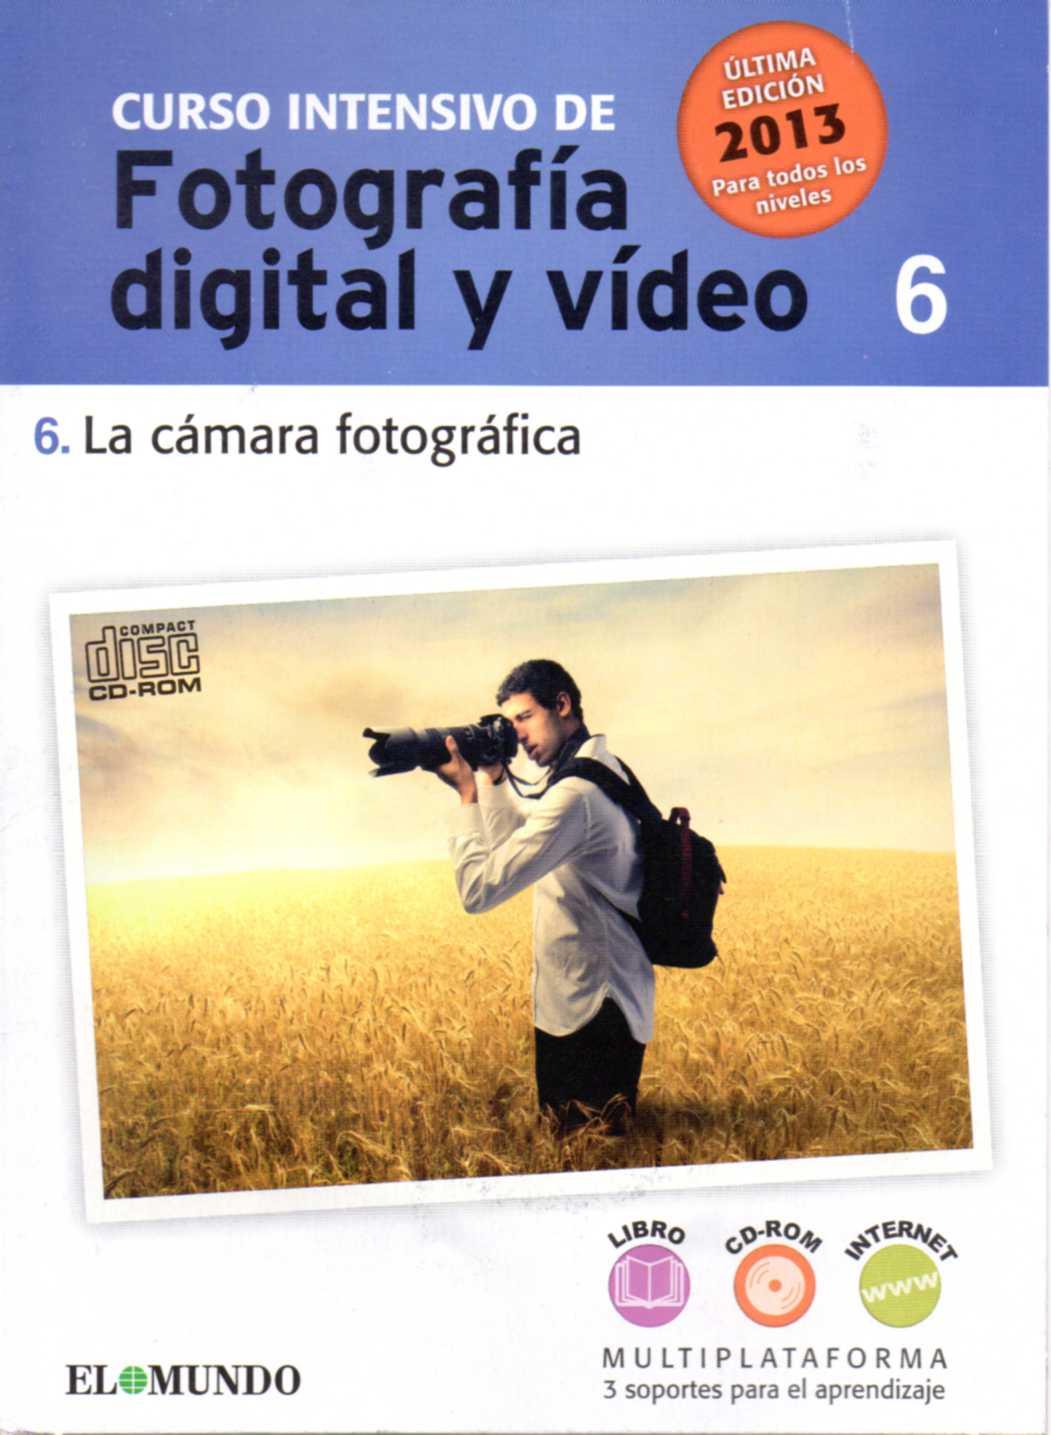 CURSO INTENSIVO DE FOTOGRAFÍA DIGITAL Y VÍDEO. CD-ROM nº 6: La cámara fotográfica.